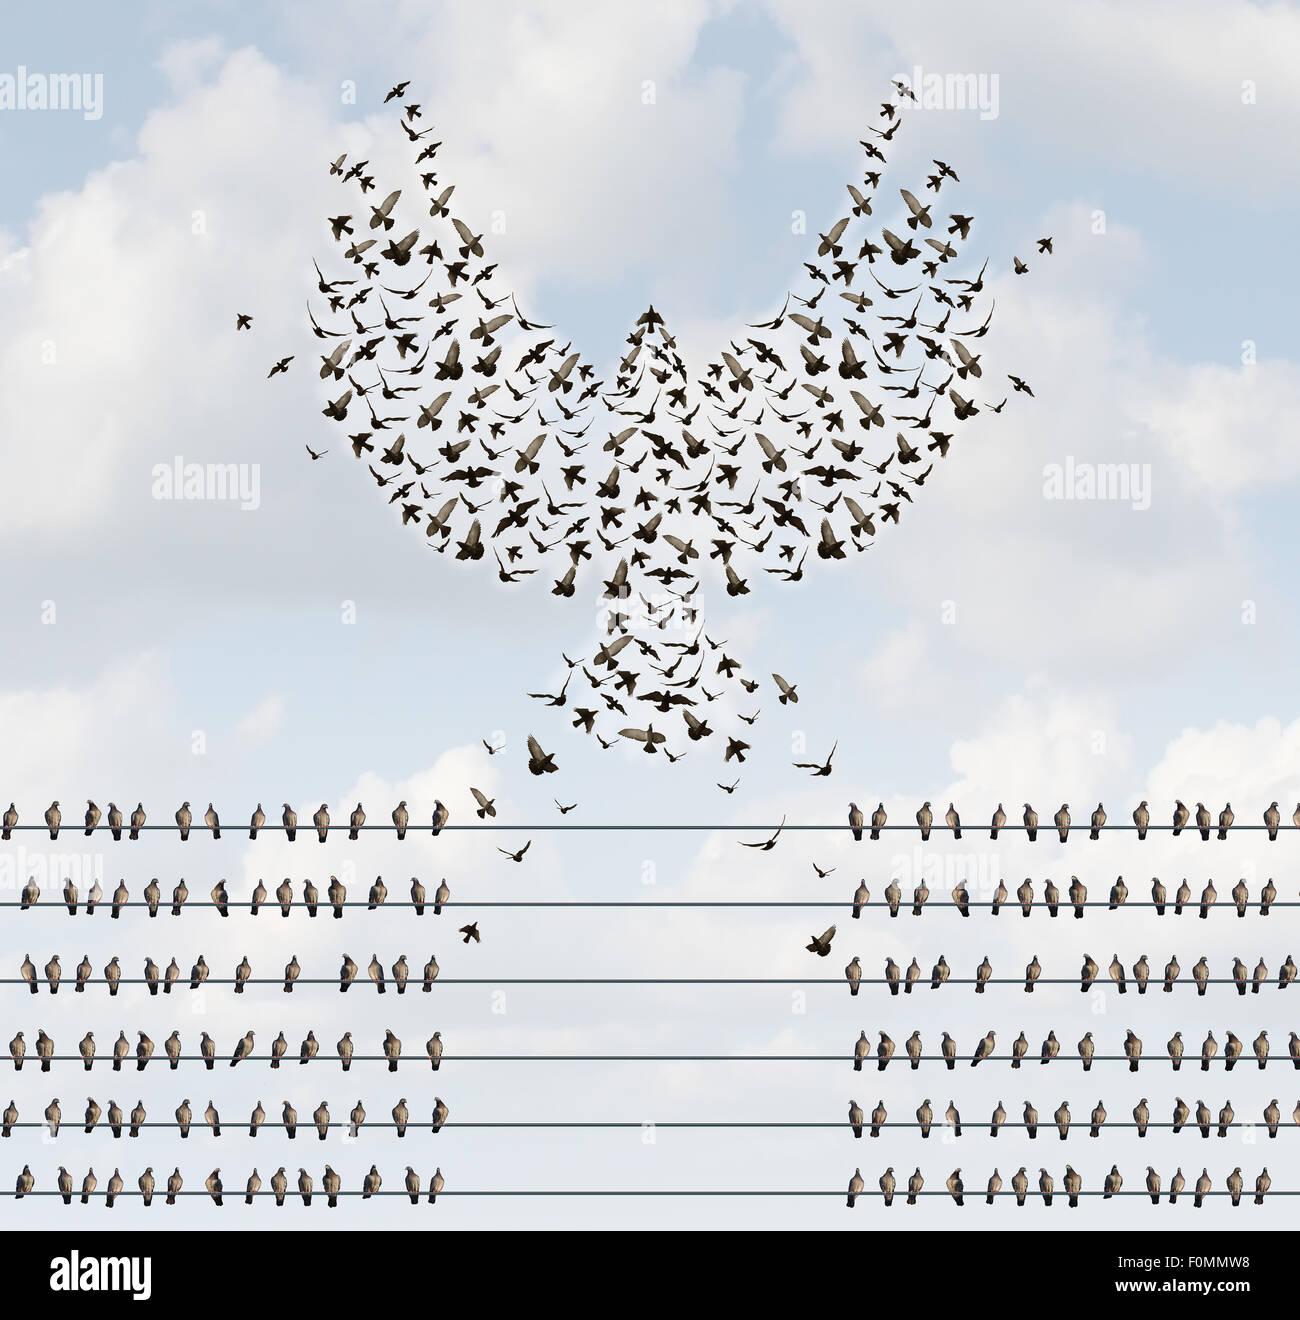 Réussite de l'organisation business concept comme un groupe d'oiseaux sur un fil avec une équipe Photo Stock